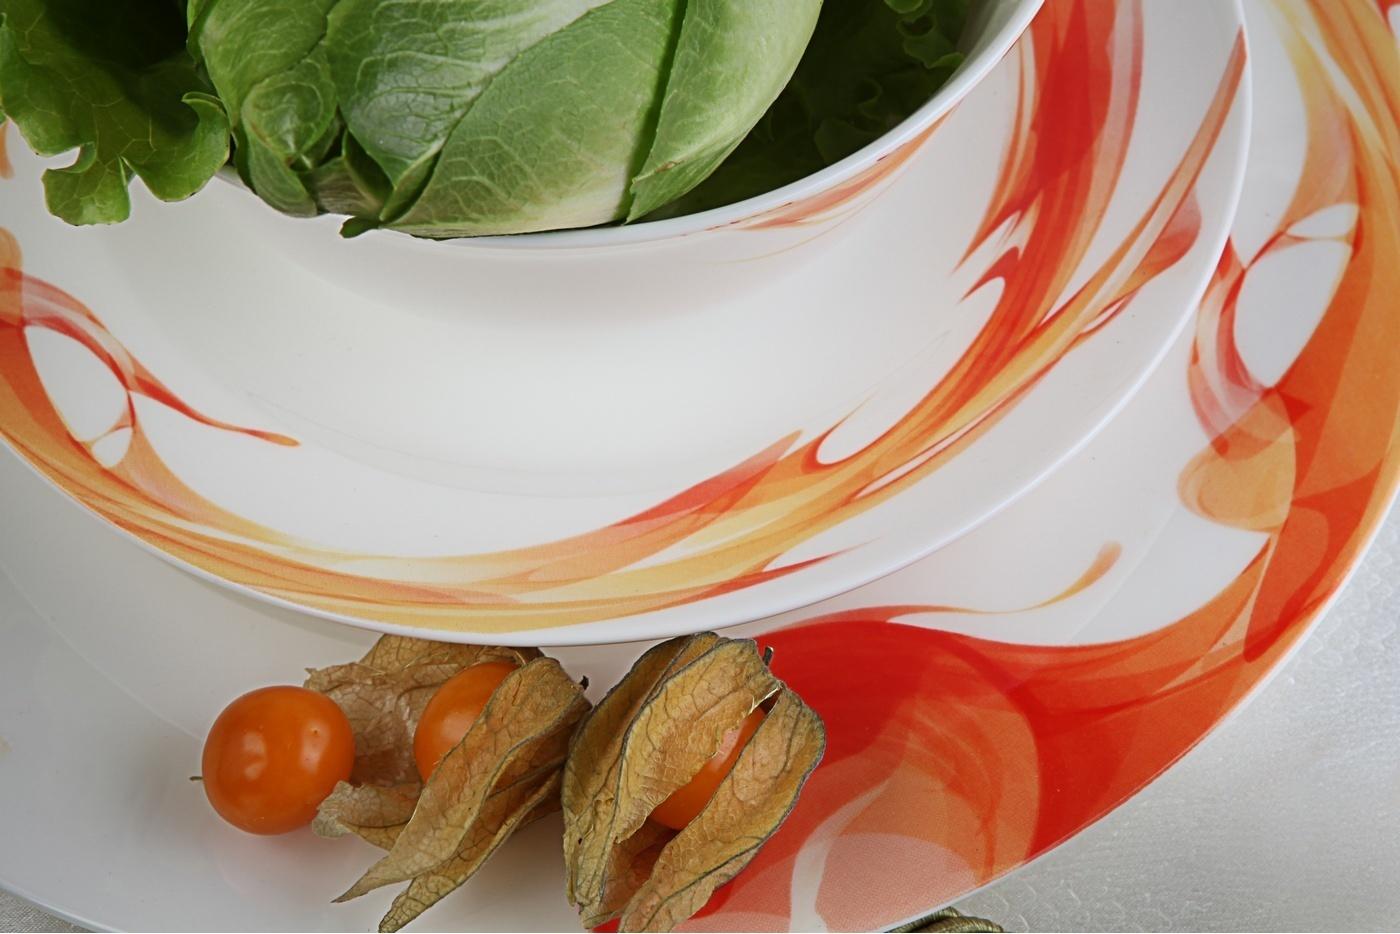 Столовый сервиз Royal Aurel Фиеста арт.435, 27 предметовСкидки на товары для кухни<br>Столовый сервиз Royal Aurel Фиеста арт.435, 27 предметов<br><br><br><br><br><br><br><br><br><br><br><br>Тарелка плоская 27 см, 6 шт.<br>Тарелка плоская 20 см, 6 шт.<br>Тарелка суповая 19,5 см, 6 шт.<br>Салатник 15 см, 6 шт.<br><br><br><br><br><br><br><br><br>Блюдо овальное 31см<br>Солонка и перечница<br><br><br><br><br><br><br><br>Производить посуду из фарфора начали в Китае на стыке 6-7 веков. Неустанно совершенствуя и селективно отбирая сырье для производства посуды из фарфора, мастерам удалось добиться выдающихся характеристик фарфора: белизны и тонкостенности. В XV веке появился особый интерес к китайской фарфоровой посуде, так как в это время Европе возникла мода на самобытные китайские вещи. Роскошный китайский фарфор являлся изыском и был в новинку, поэтому он выступал в качестве подарка королям, а также знатным людям. Такой дорогой подарок был очень престижен и по праву являлся элитной посудой. Как известно из многочисленных исторических документов, в Европе китайские изделия из фарфора ценились практически как золото. <br>Проверка изделий из костяного фарфора на подлинность <br>По сравнению с производством других видов фарфора процесс производства изделий из настоящего костяного фарфора сложен и весьма длителен. Посуда из изящного фарфора - это элитная посуда, которая всегда ассоциируется с богатством, величием и благородством. Несмотря на небольшую толщину, фарфоровая посуда - это очень прочное изделие. Для демонстрации плотности и прочности фарфора можно легко коснуться предметов посуды из фарфора деревянной палочкой, и тогда мы услушим характерный металлический звон. В составе фарфоровой посуды присутствует костяная зола, благодаря чему она может быть намного тоньше (не более 2,5 мм) и легче твердого или мягкого фарфора. Безупречная белизна - ключевой признак отличия такого фарфора от других. Цвет обычного фарфора сероватый или ближе к голубоватому, а костяной фарфор бу